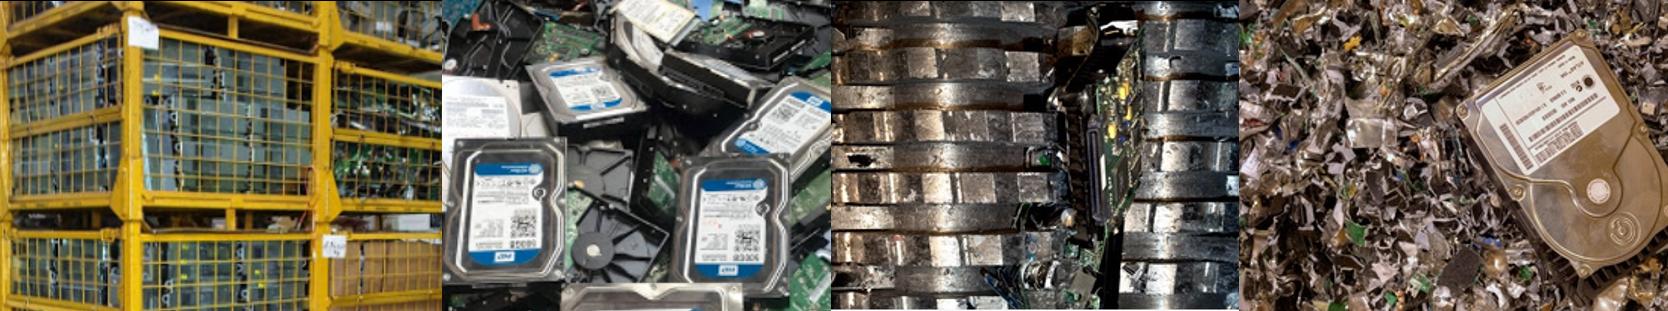 recyclage destruction de disque donnée broyage